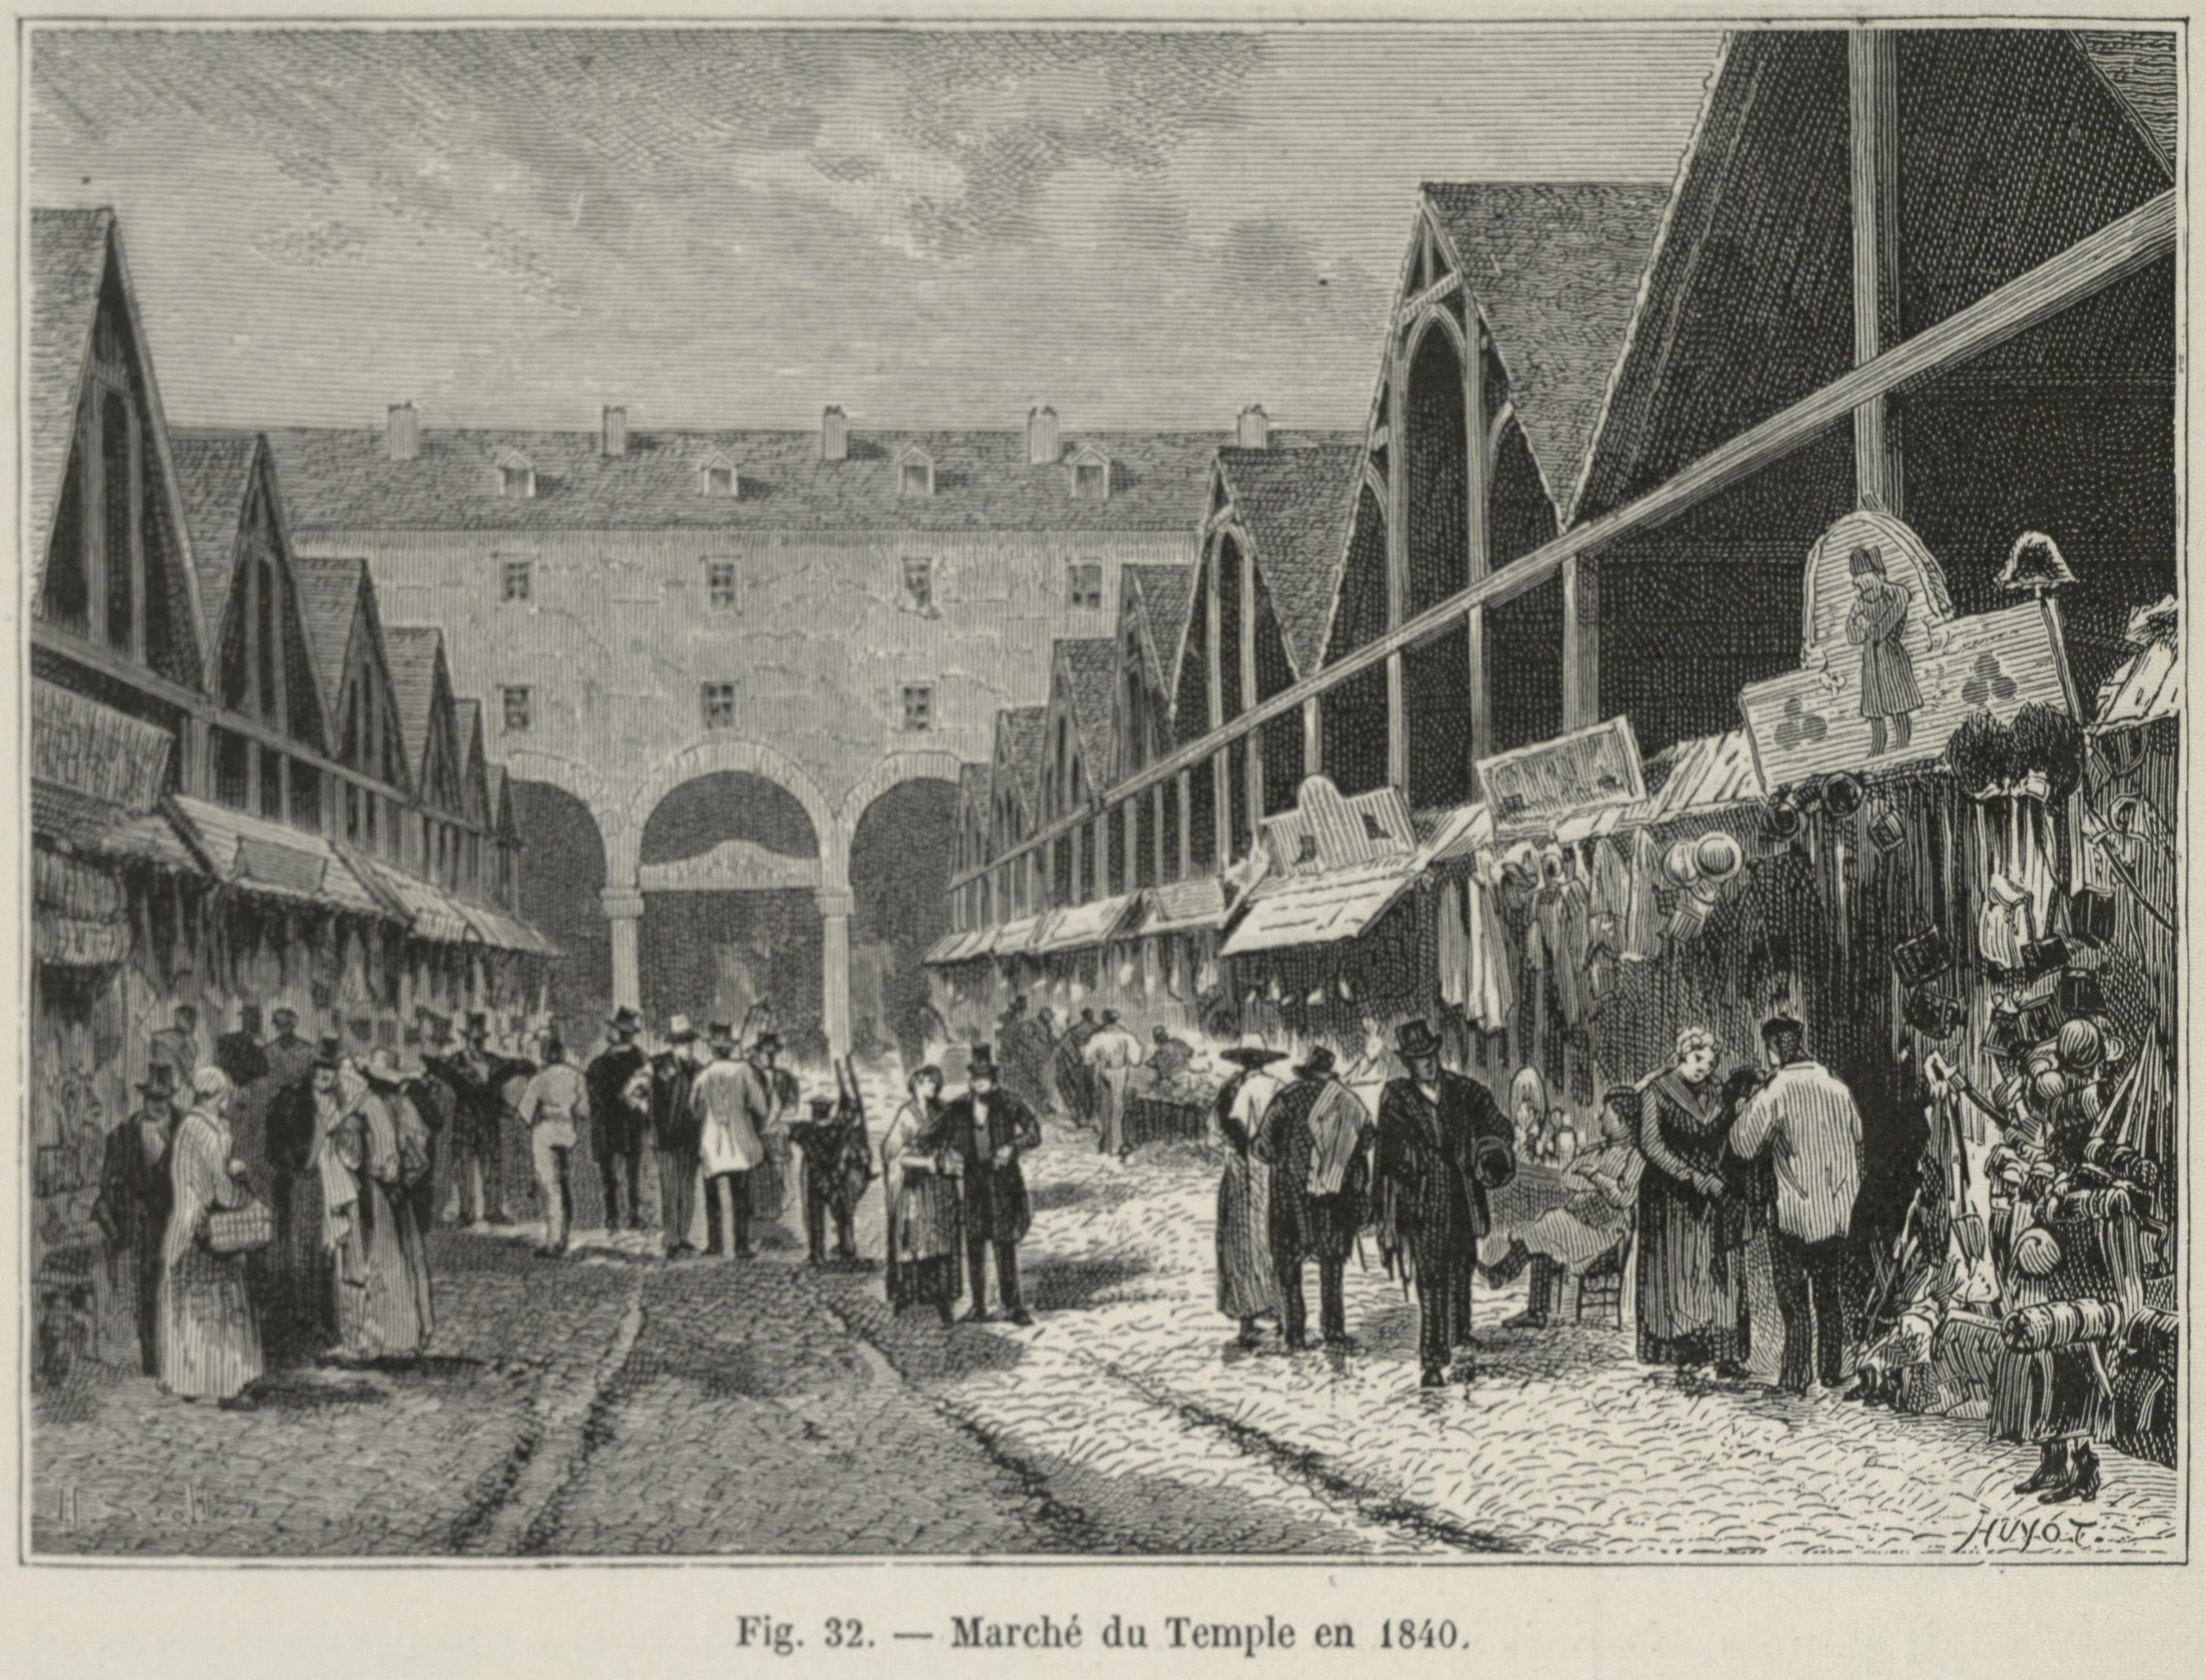 File:Marché du Temple en 1840.jpg